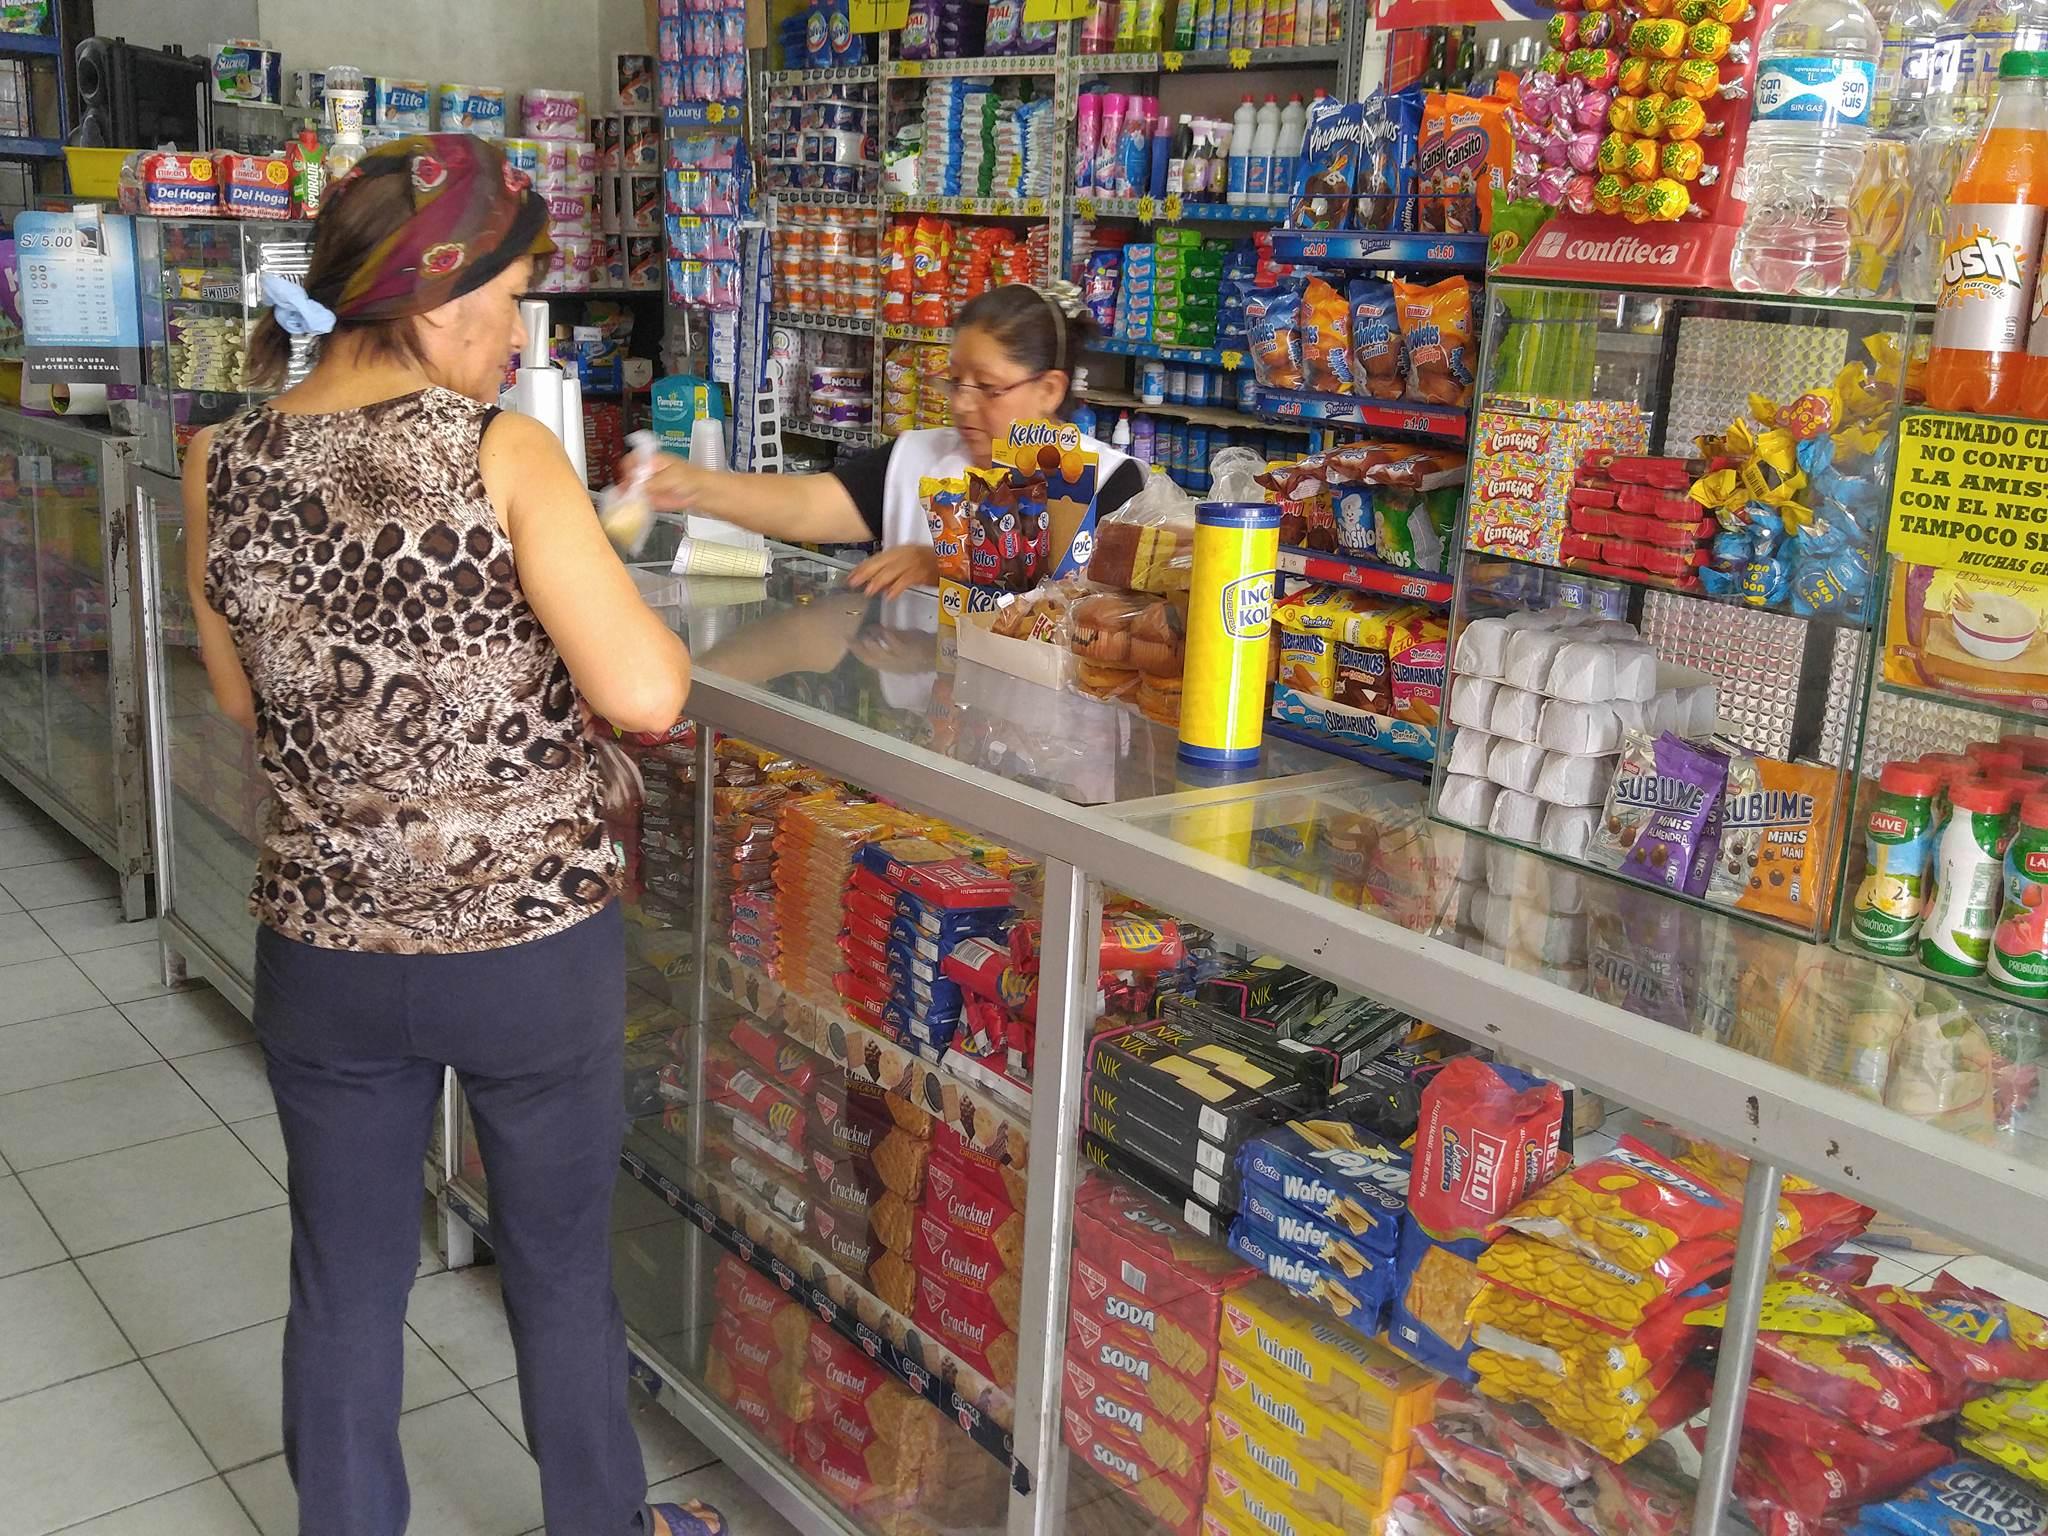 Bodegas - 7 de cada 10 bodegueros de Lima consideran que sus ventas incrementarán este 2018